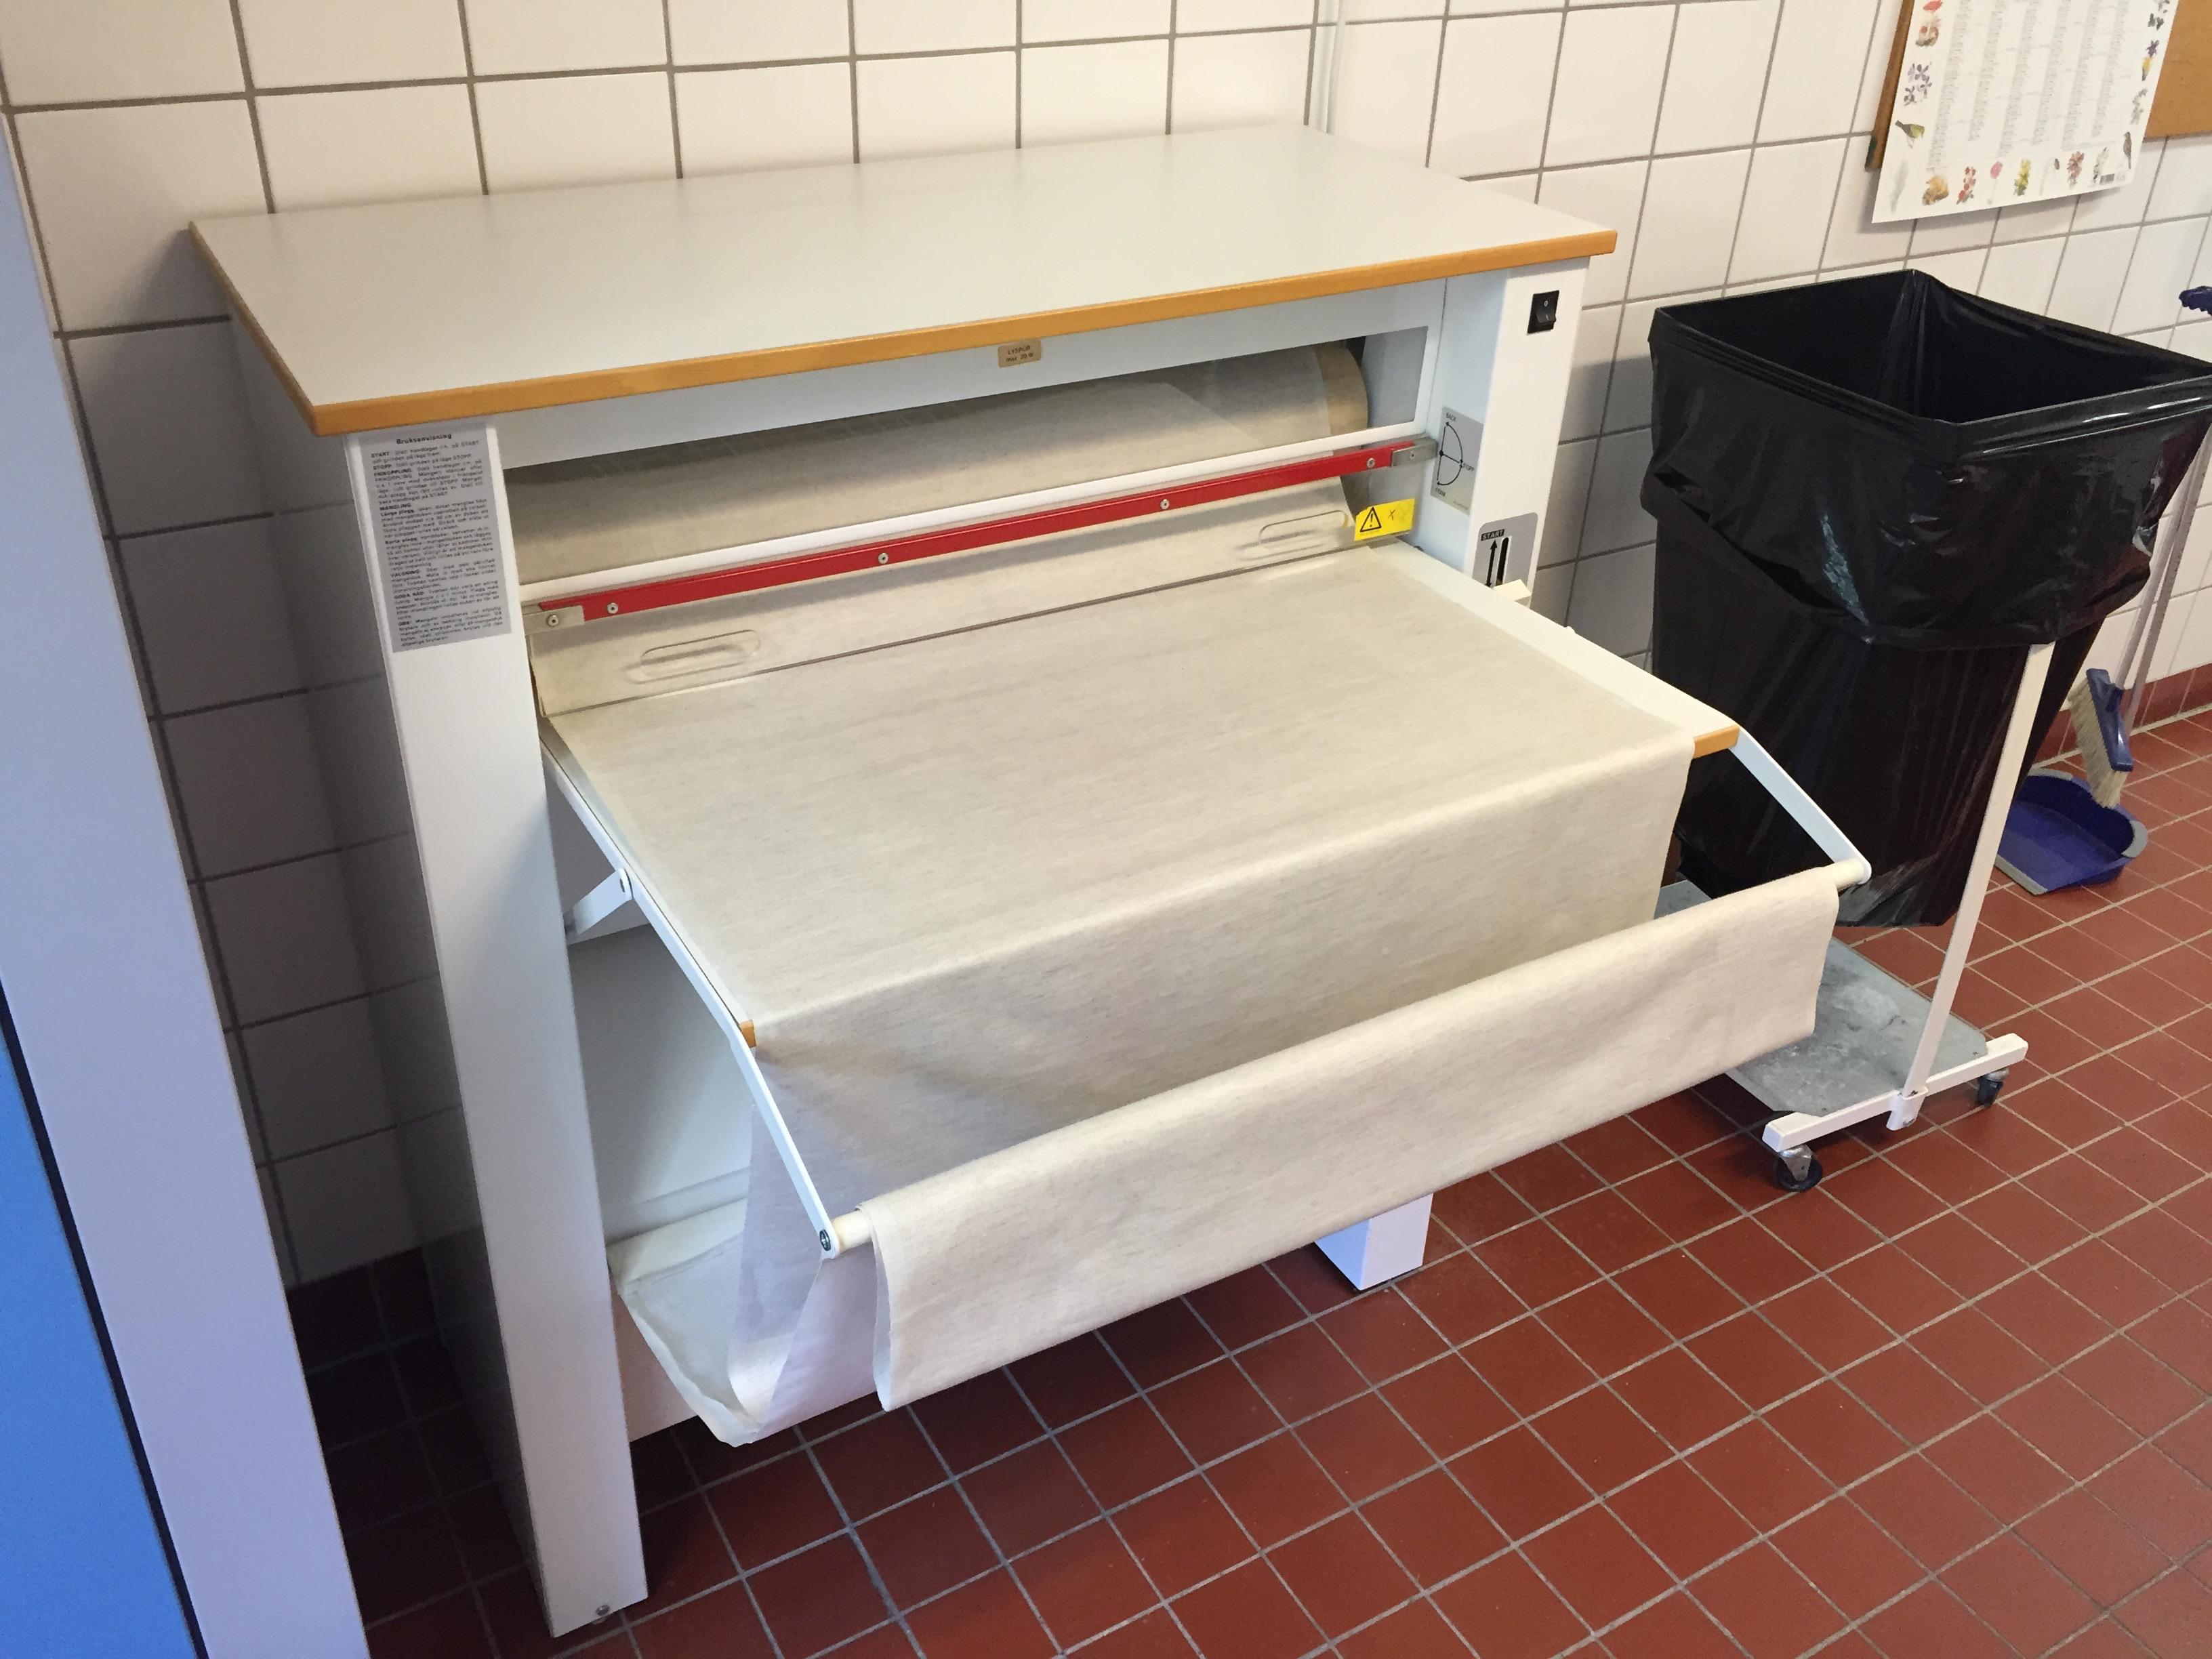 linen pressing machine